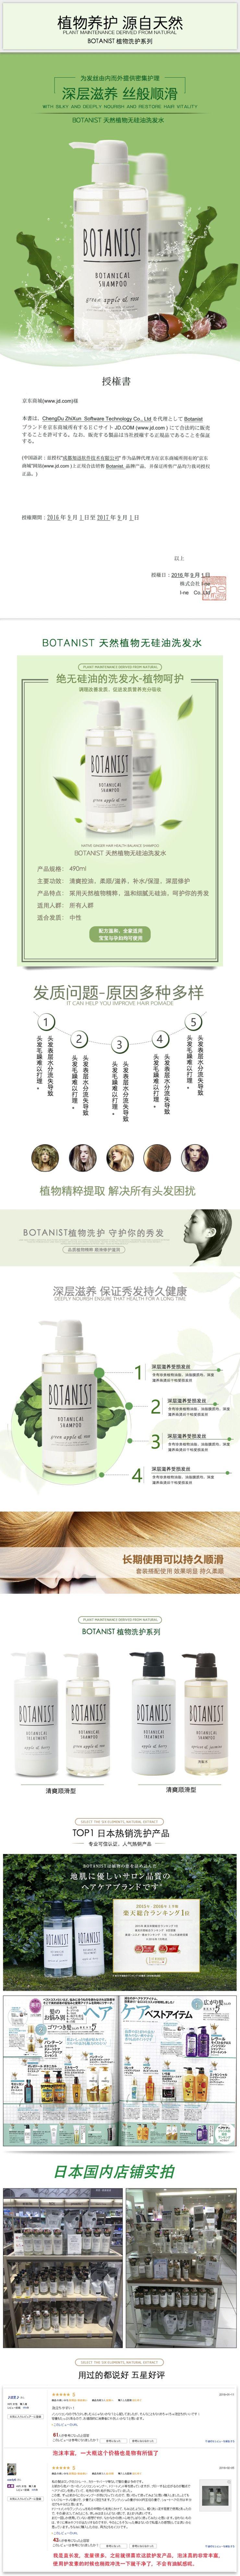 绿色清新天然植物洗护产品电商详情图